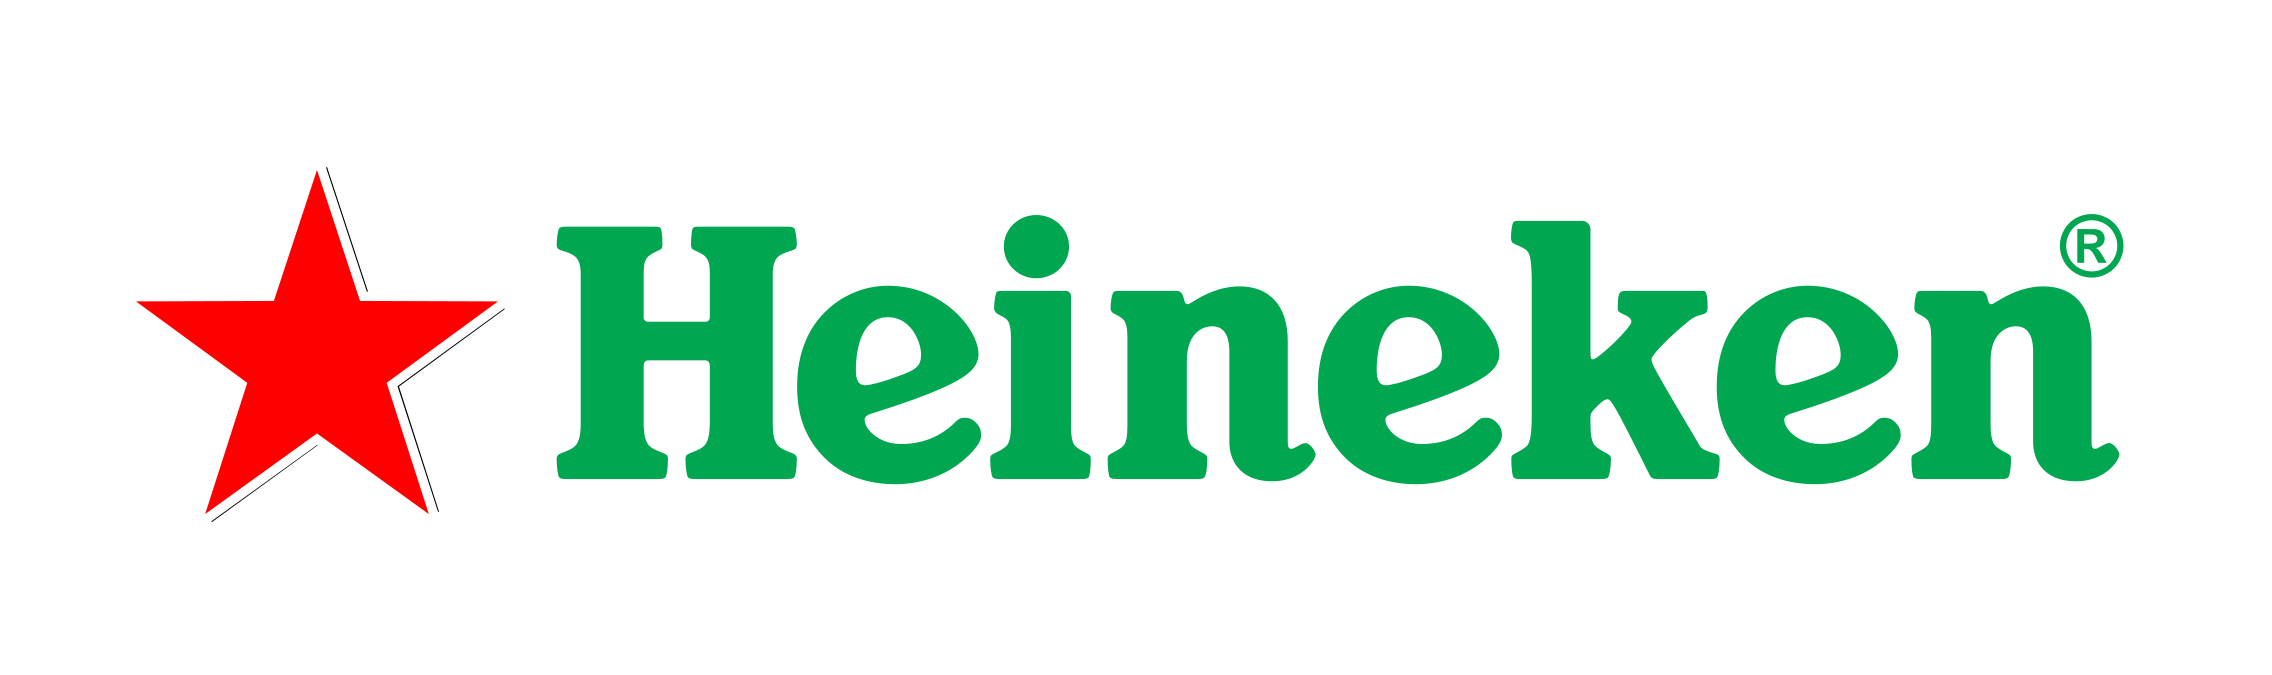 Font-Heineken-Logo.png